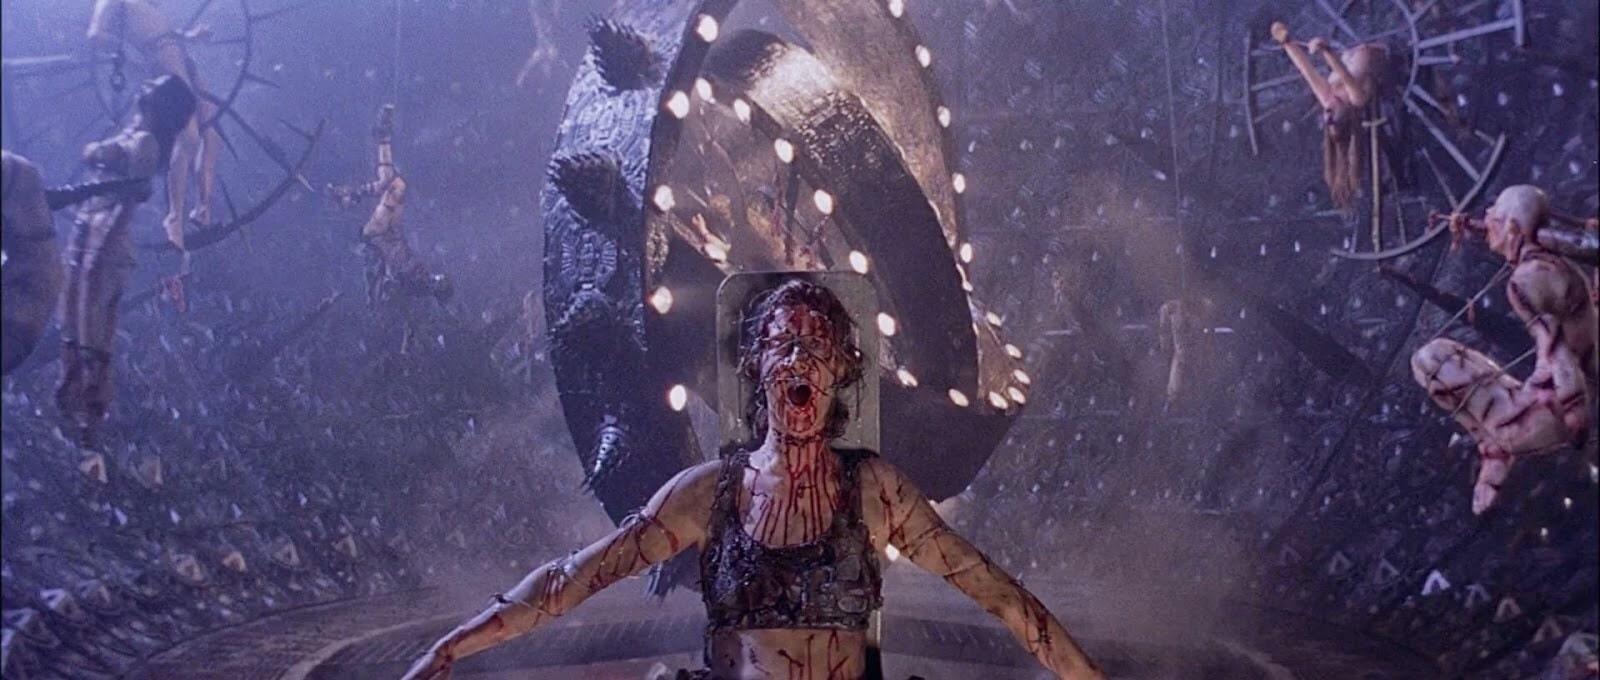 Что вырезали из хоррора «Сквозь горизонт» и почему режиссёрская версия так и не вышла - 01